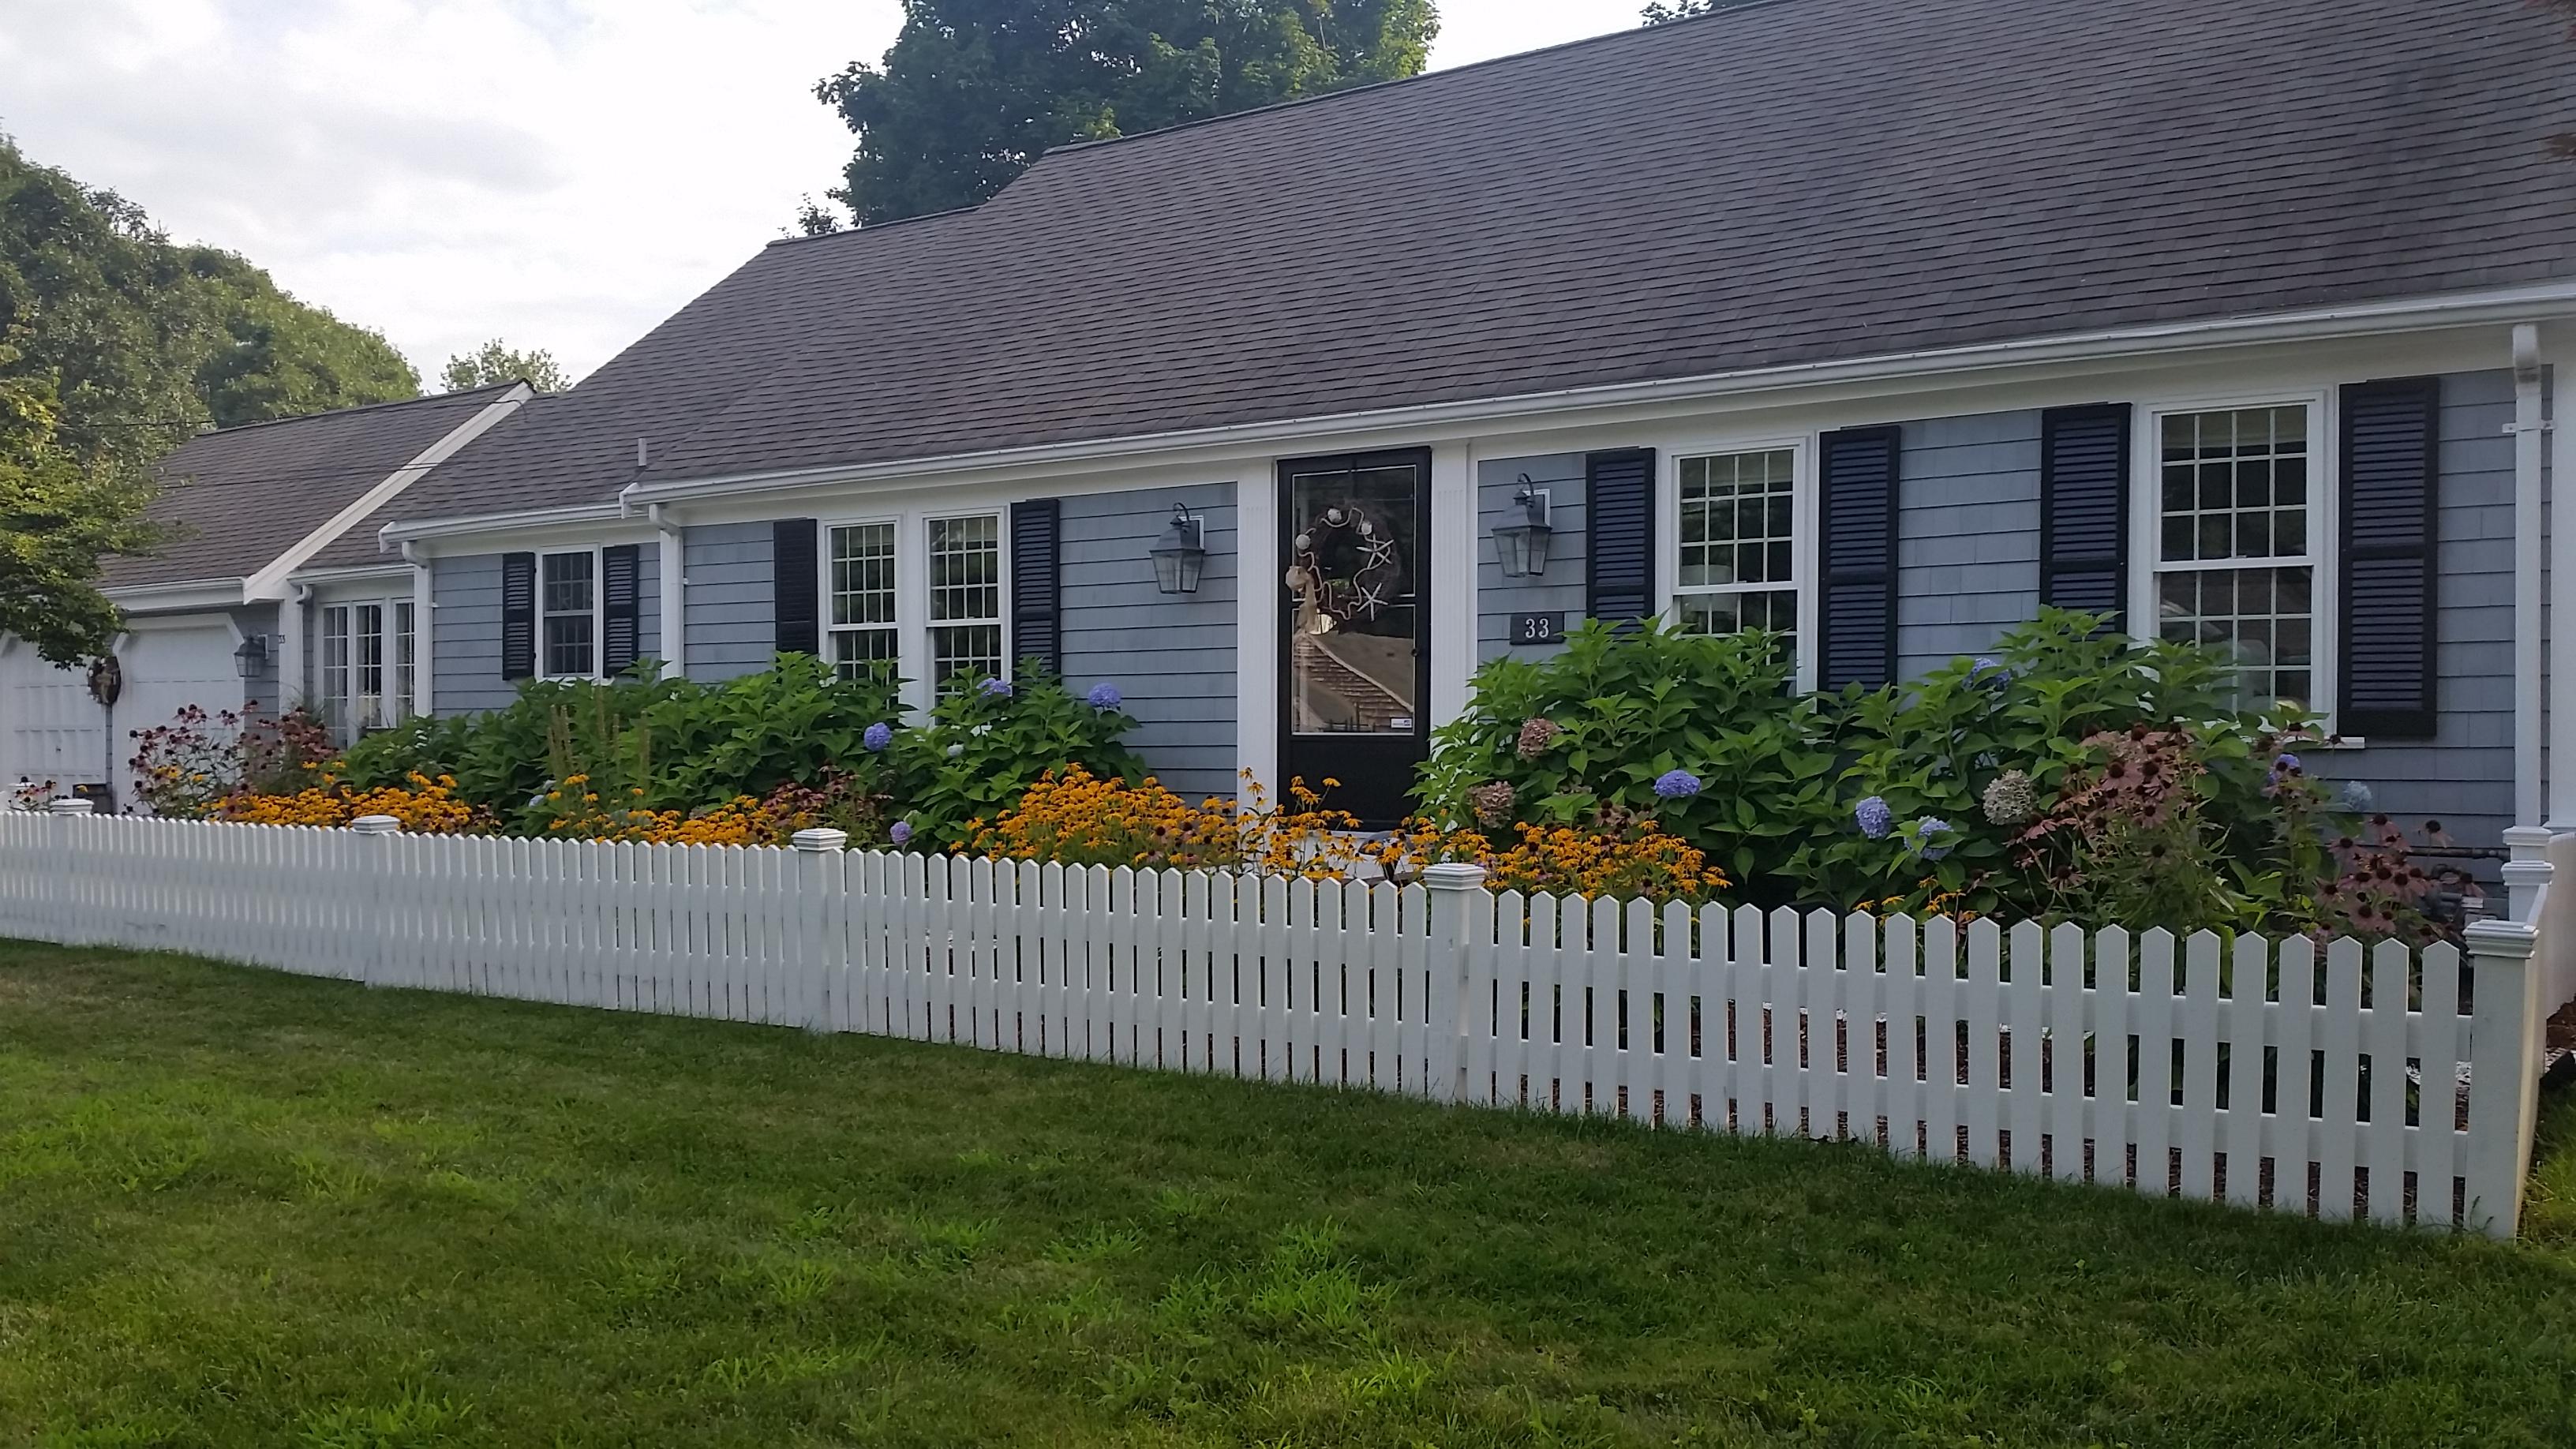 Частный односемейный дом для того Продажа на Views of Grand Cove 33 Alburmar Road Dennis, Массачусетс, 02670 Соединенные Штаты